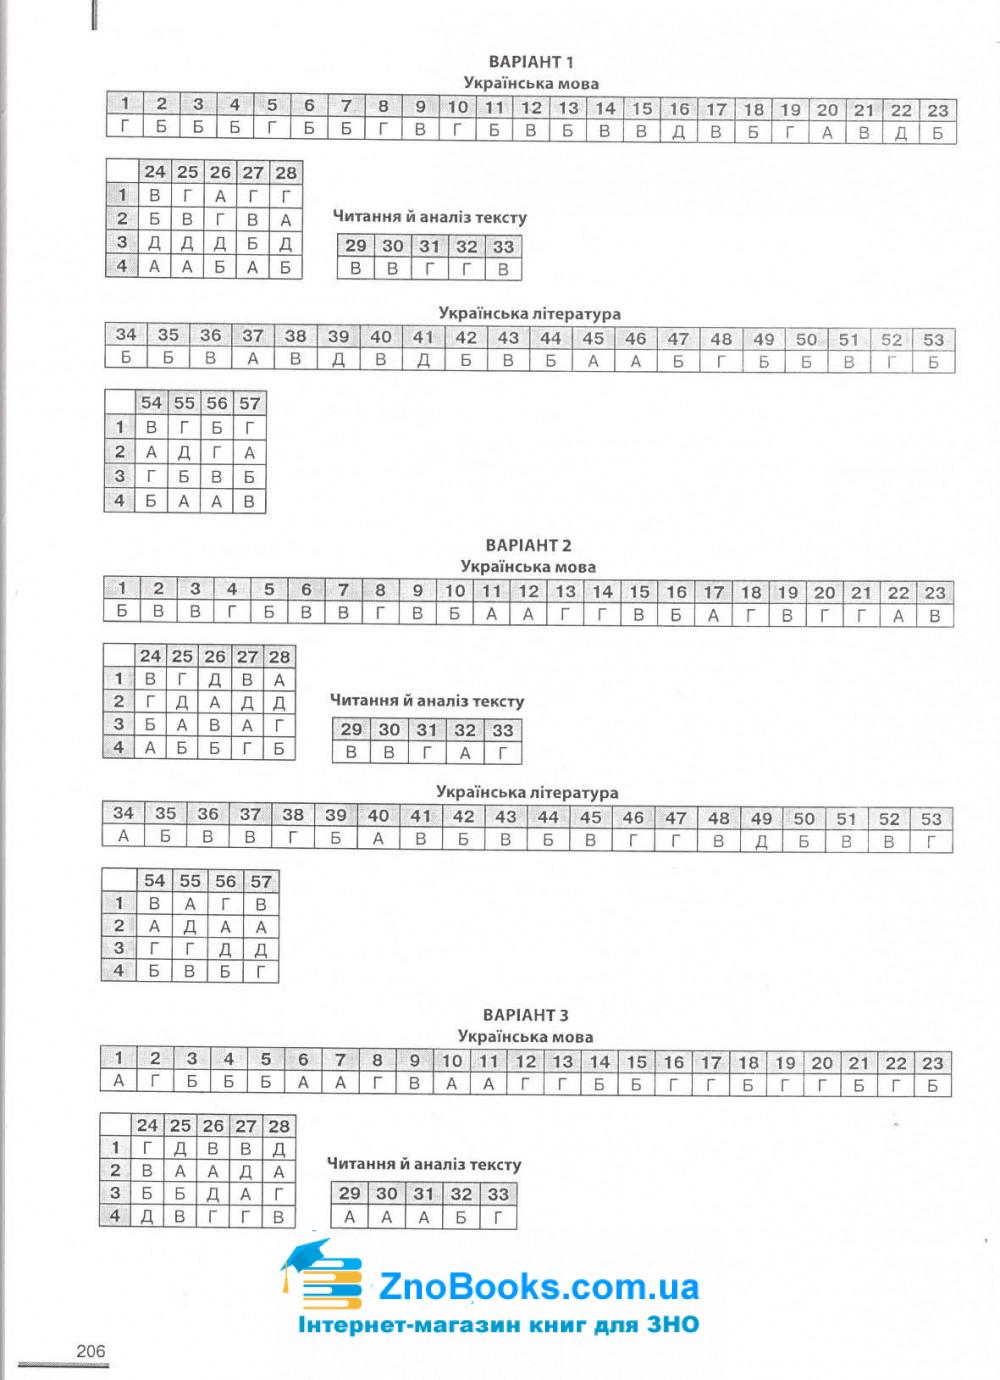 ЗНО 2021 Українська мова та література. Збірник завдань 20 варіантів: Куриліна О. Абетка 8